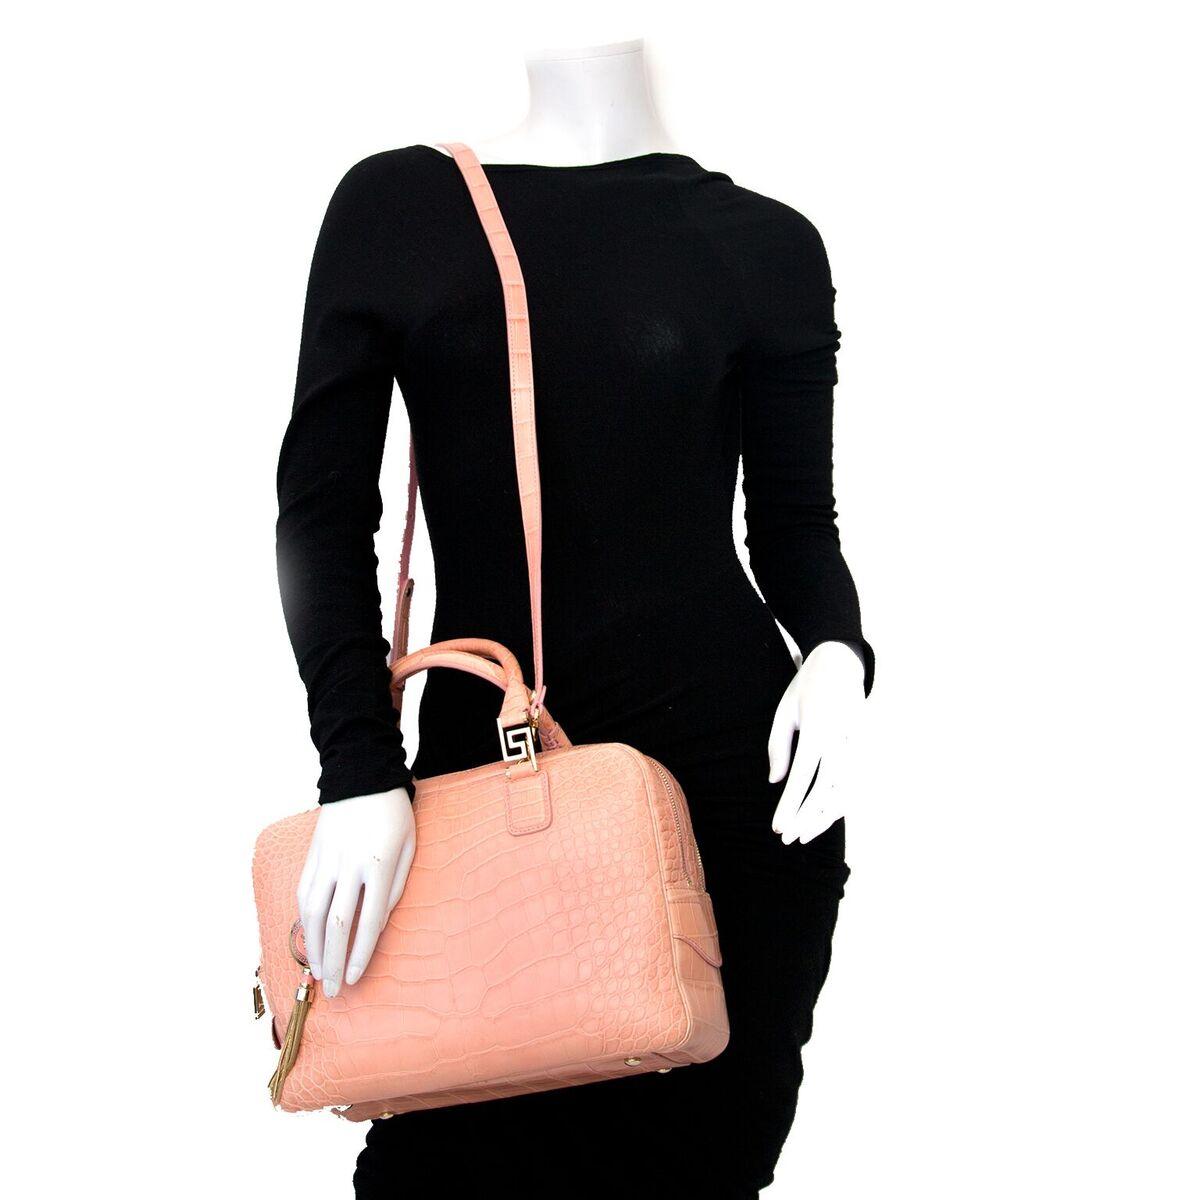 Koop authentieke tweedehands Versace handtassen in croco roze aan een eerlijke prijs bij LabelLOV. Veilig online shoppen.